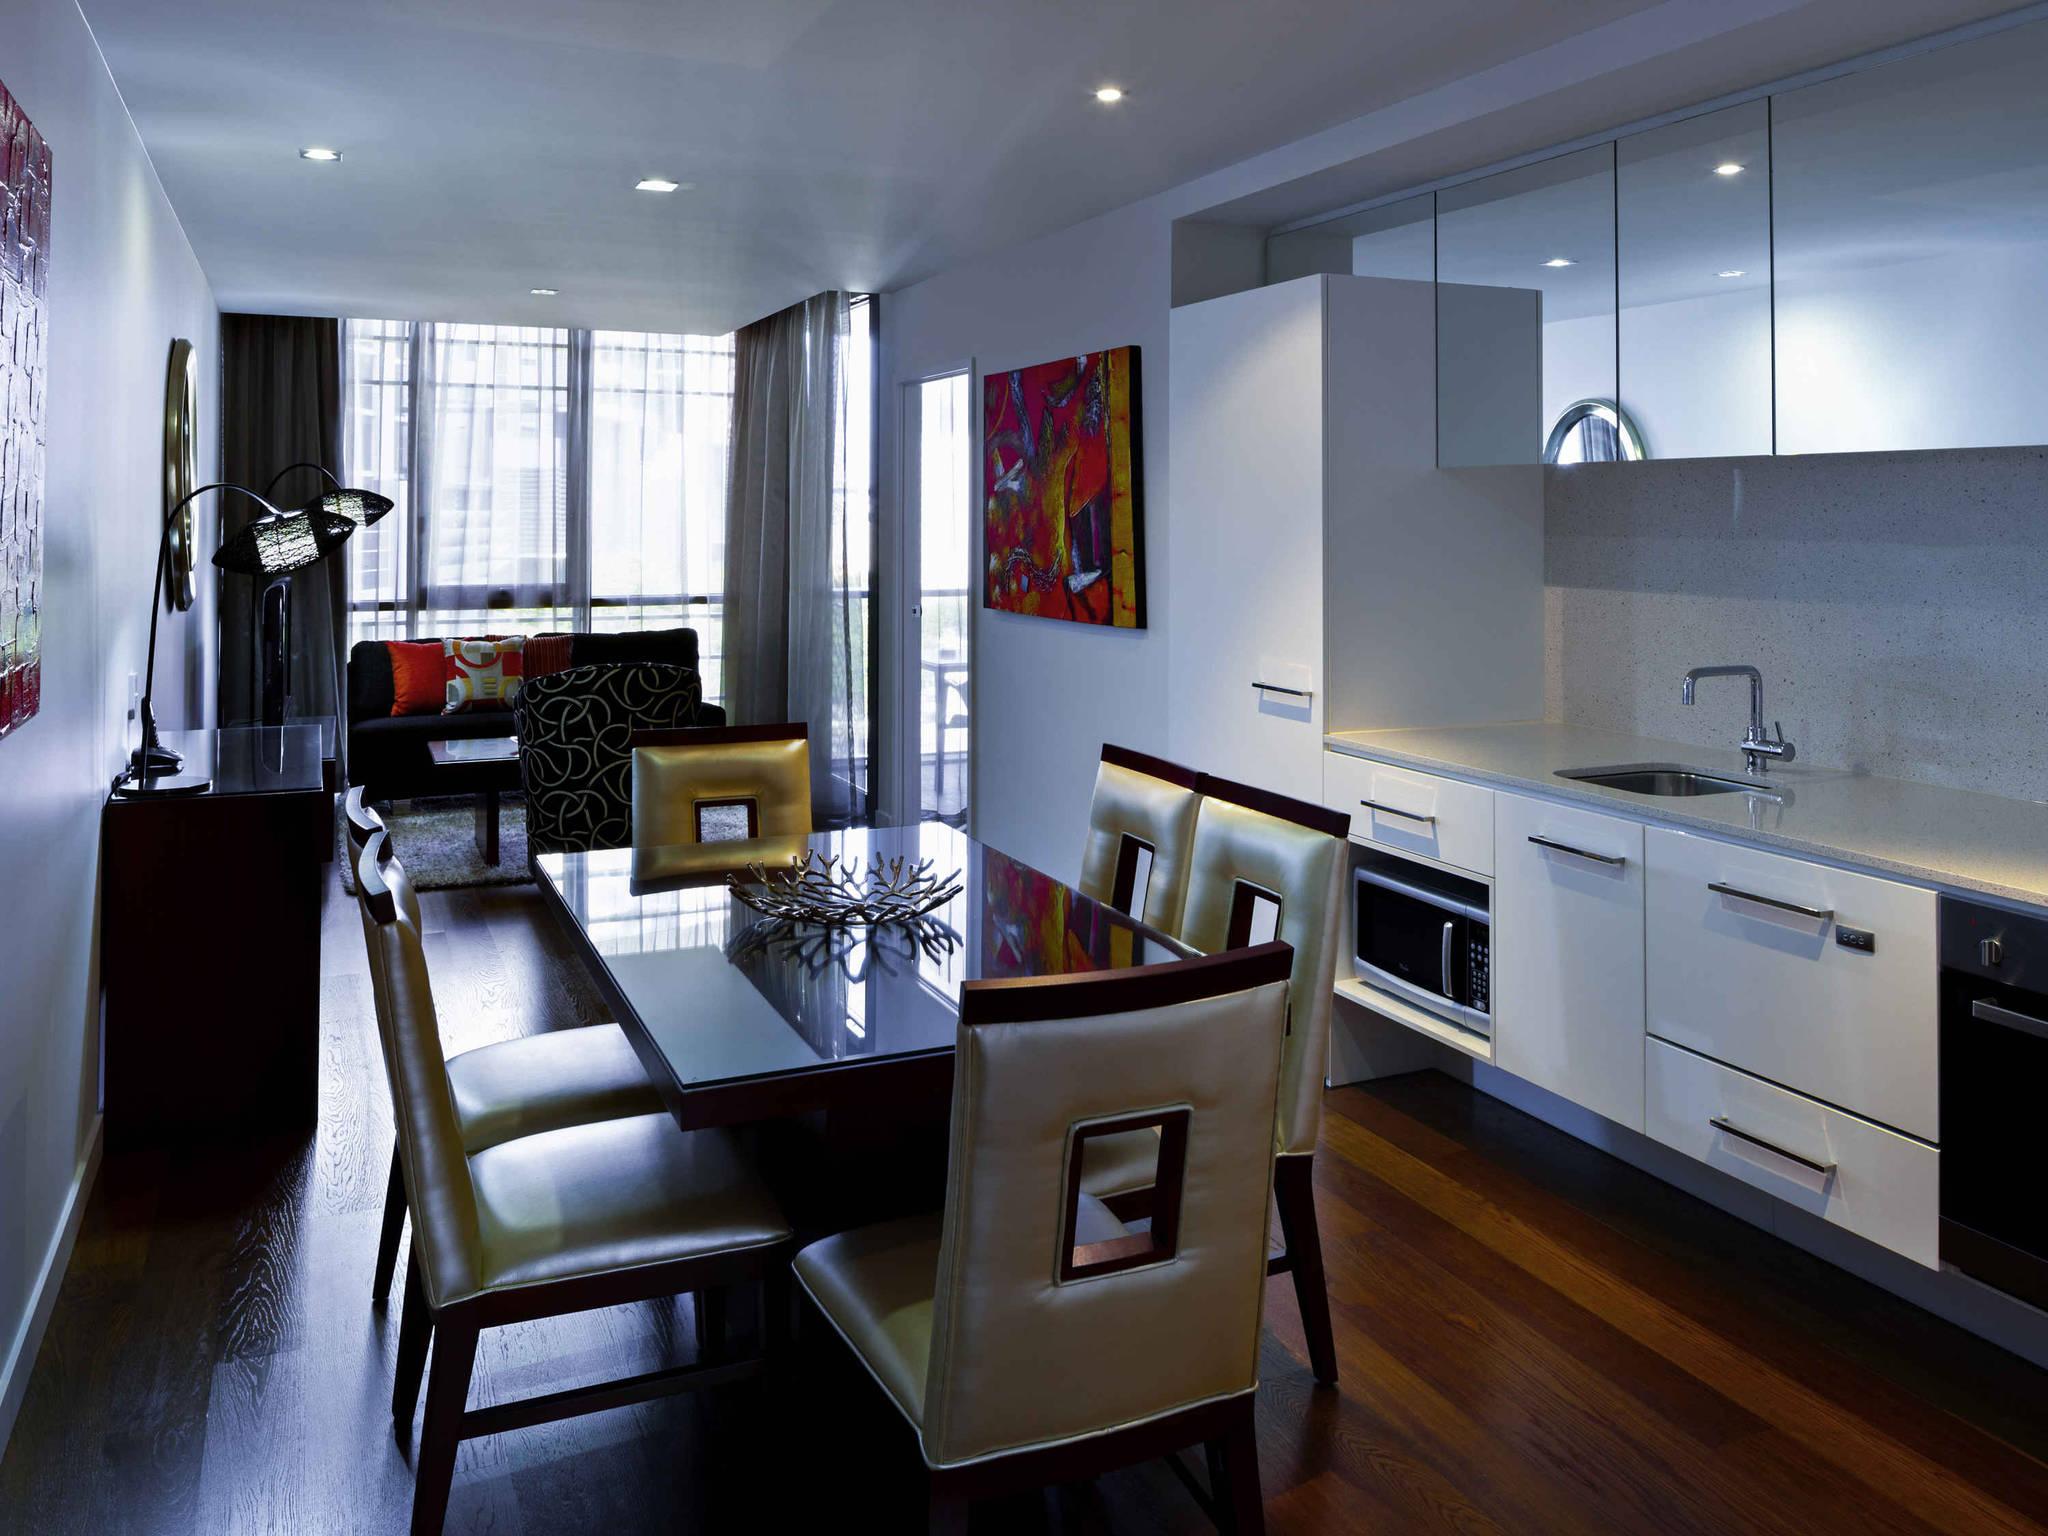 Grand Mercure Apartments Docklands - AccorHotels